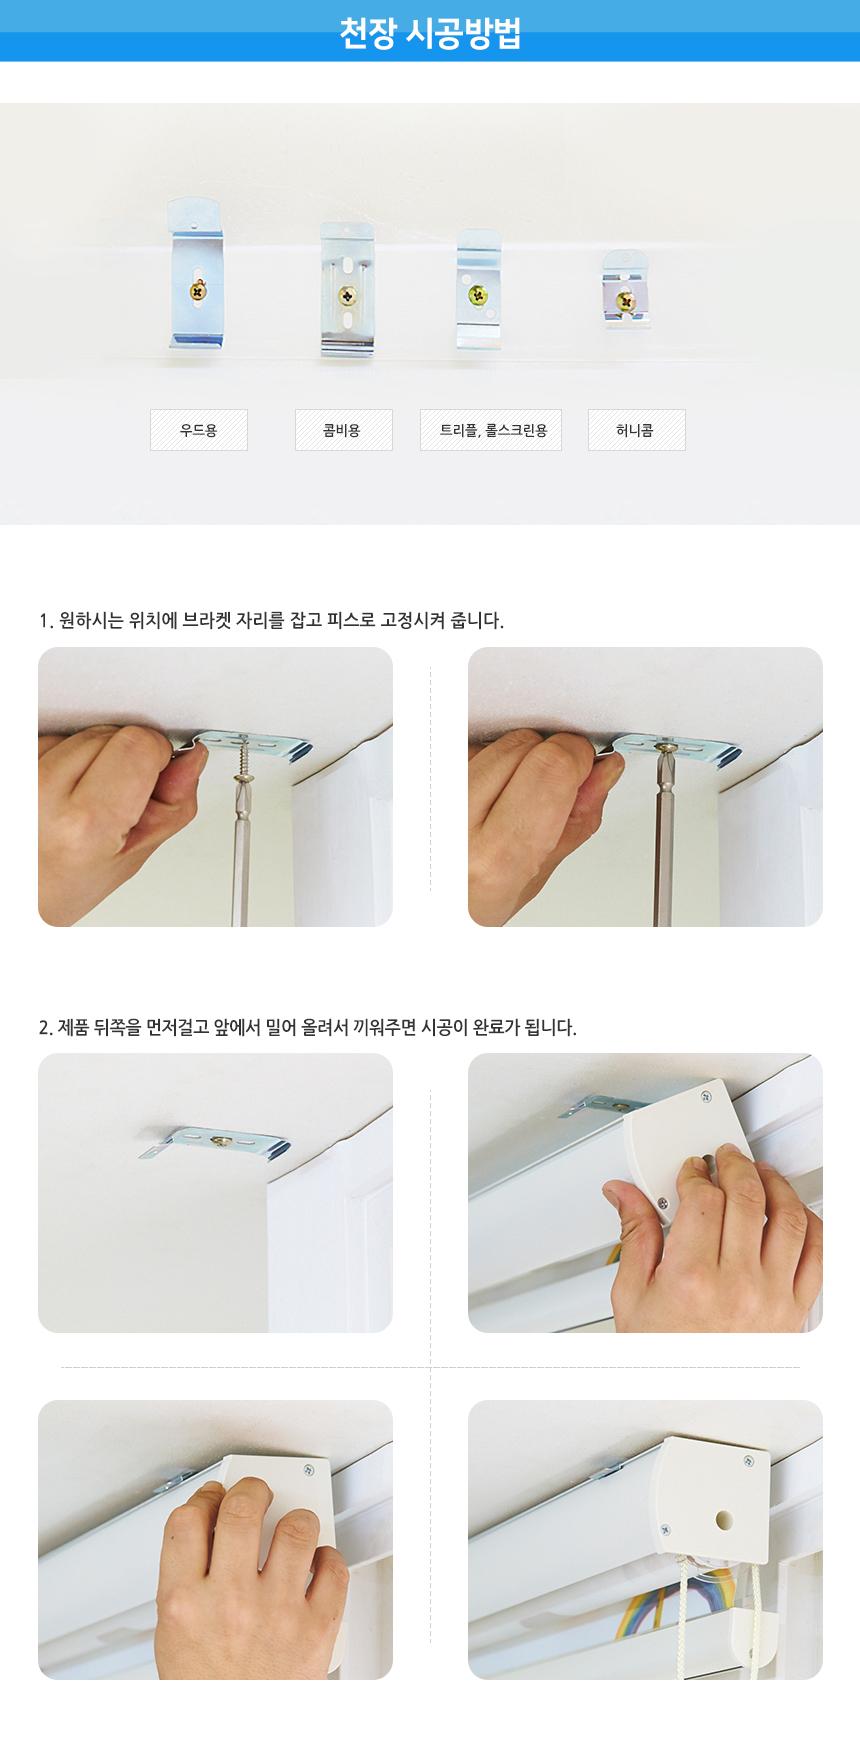 천장에 설치 하는 방법